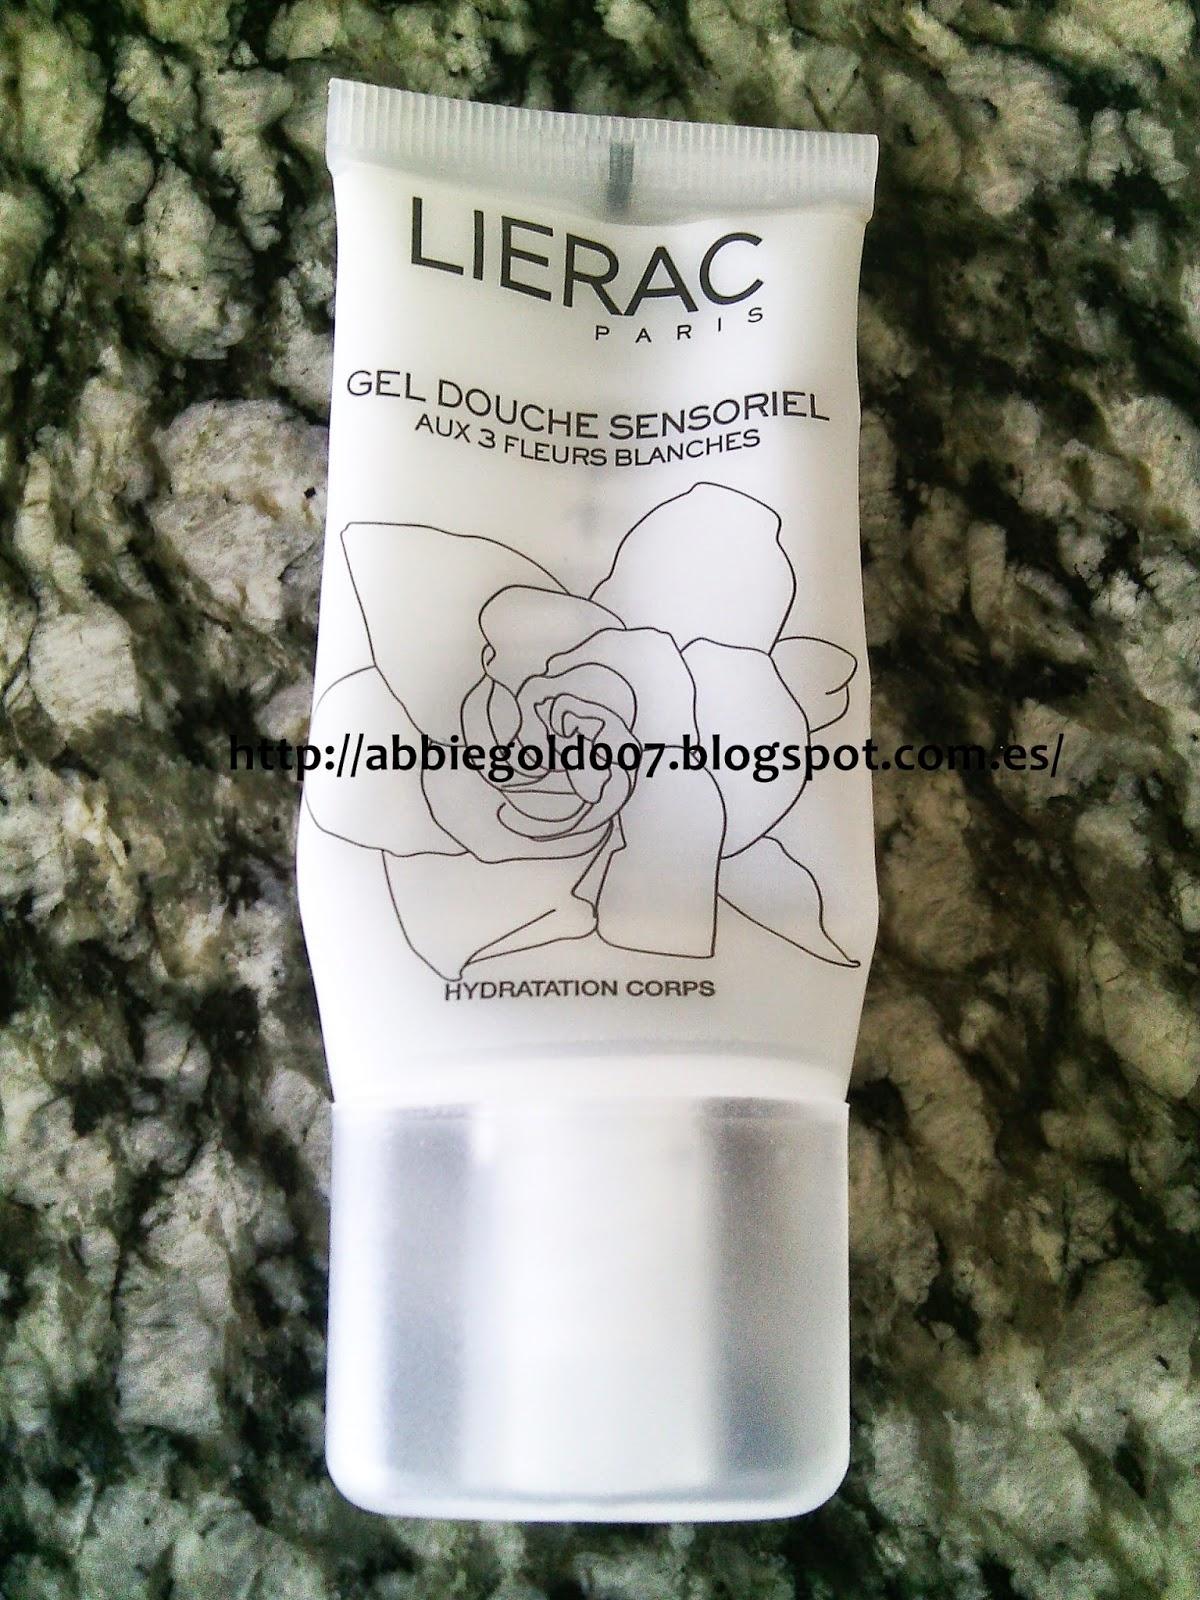 producto-terminado-lierac-flores-blancas